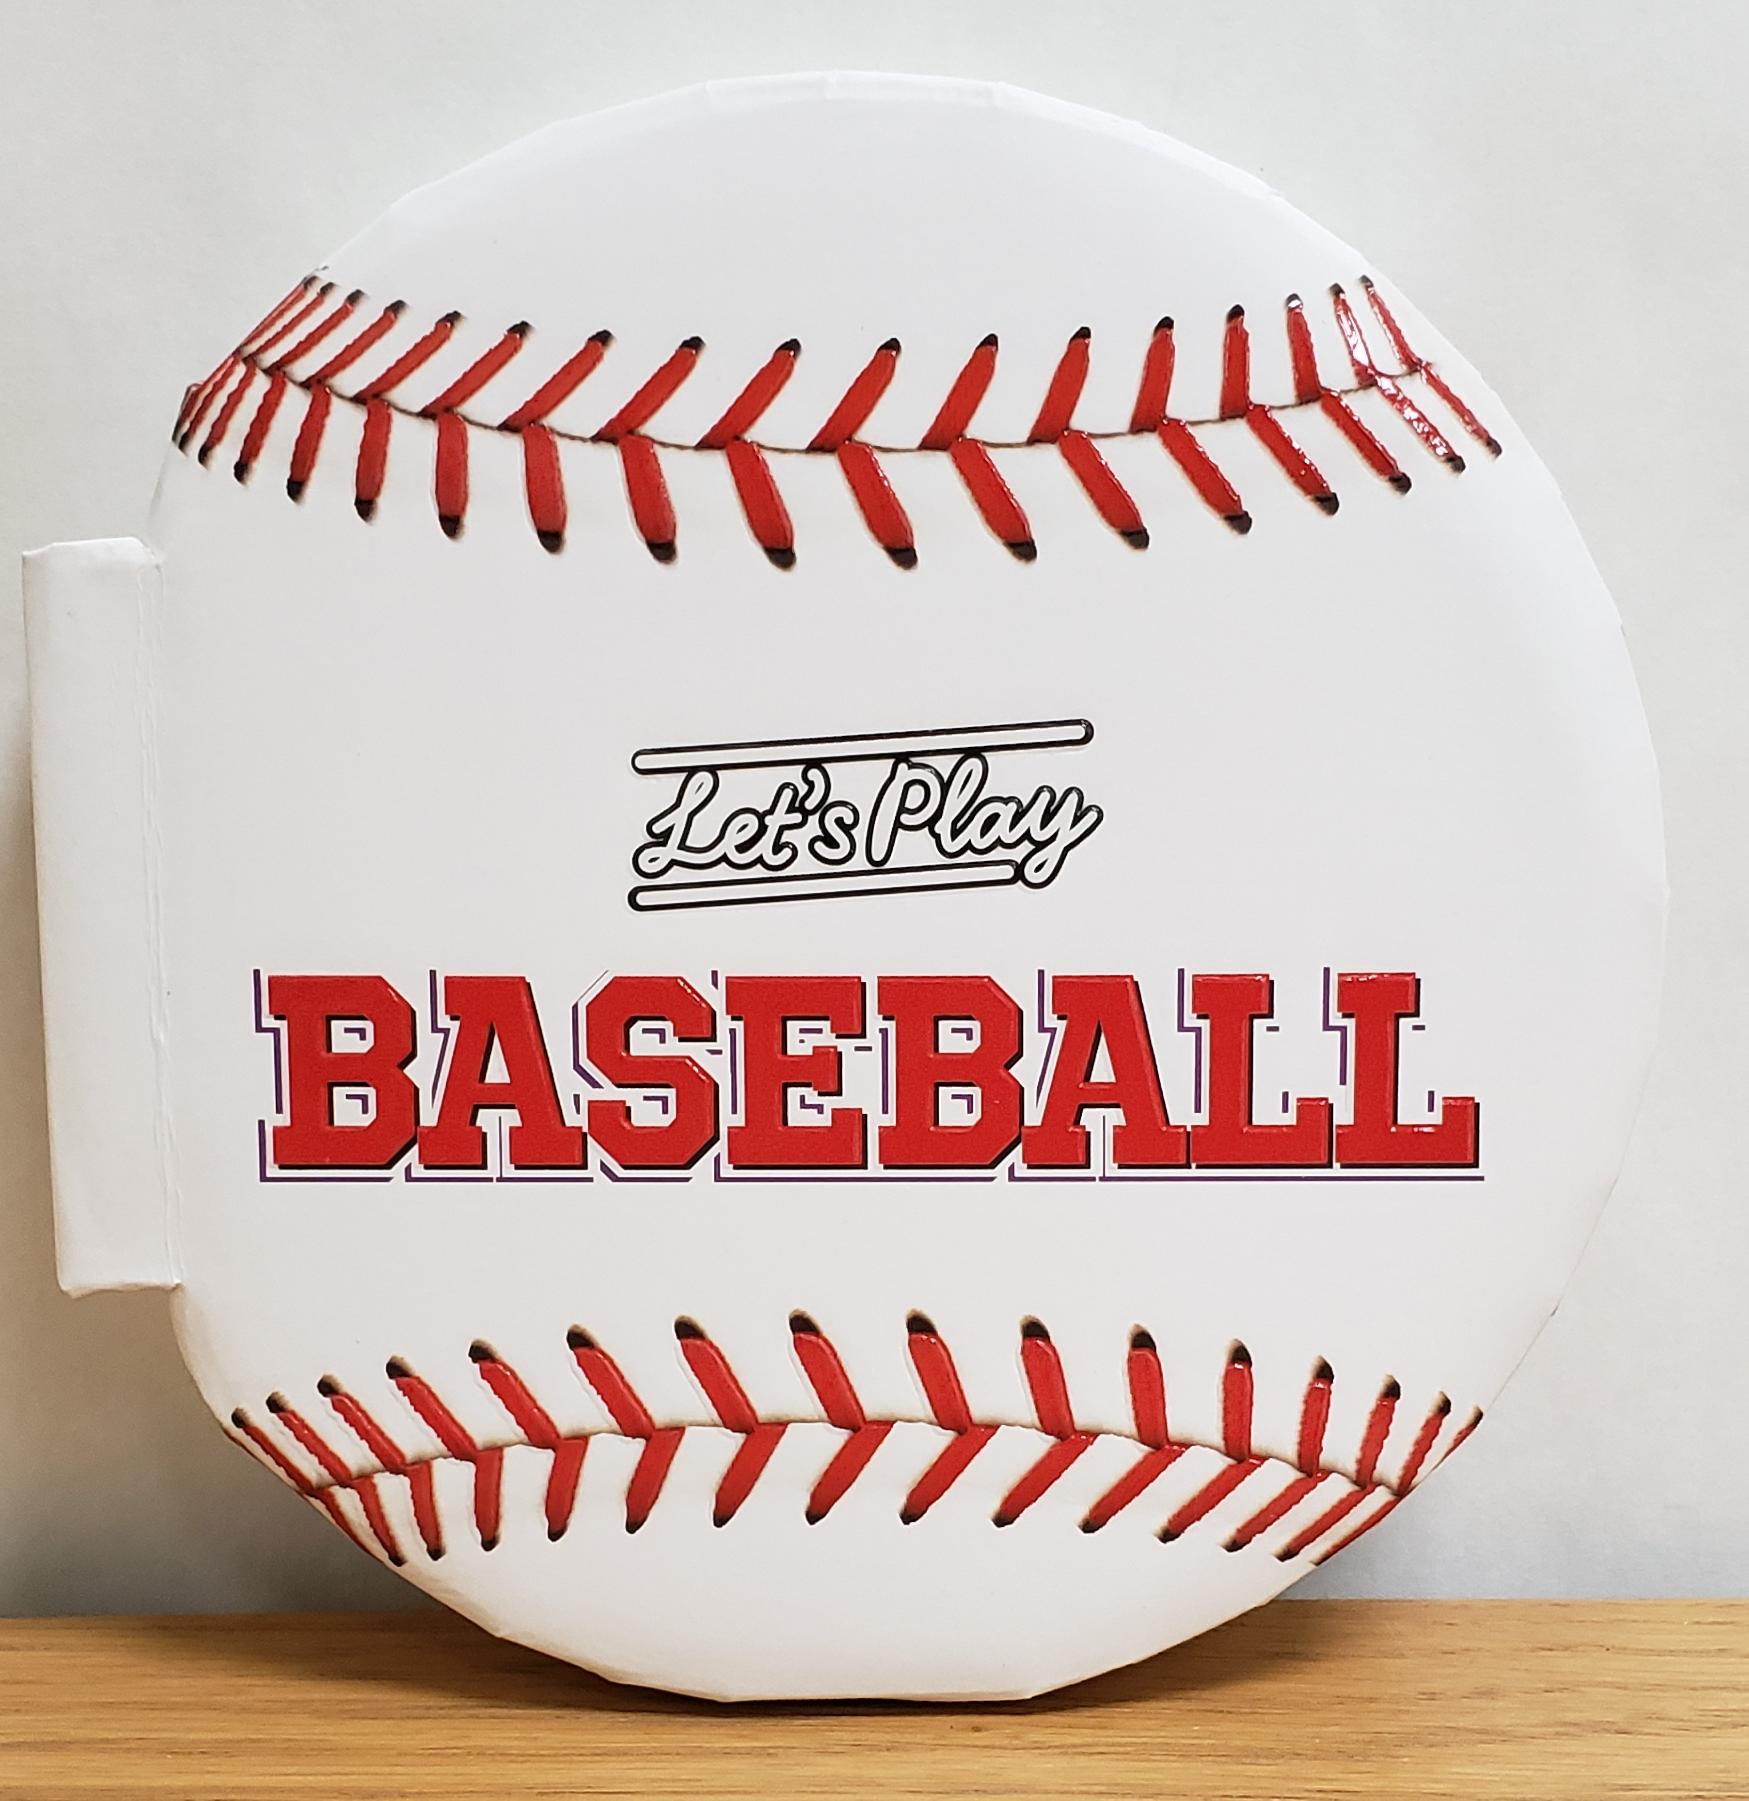 https://0201.nccdn.net/1_2/000/000/101/981/let-s-play-baseball.png